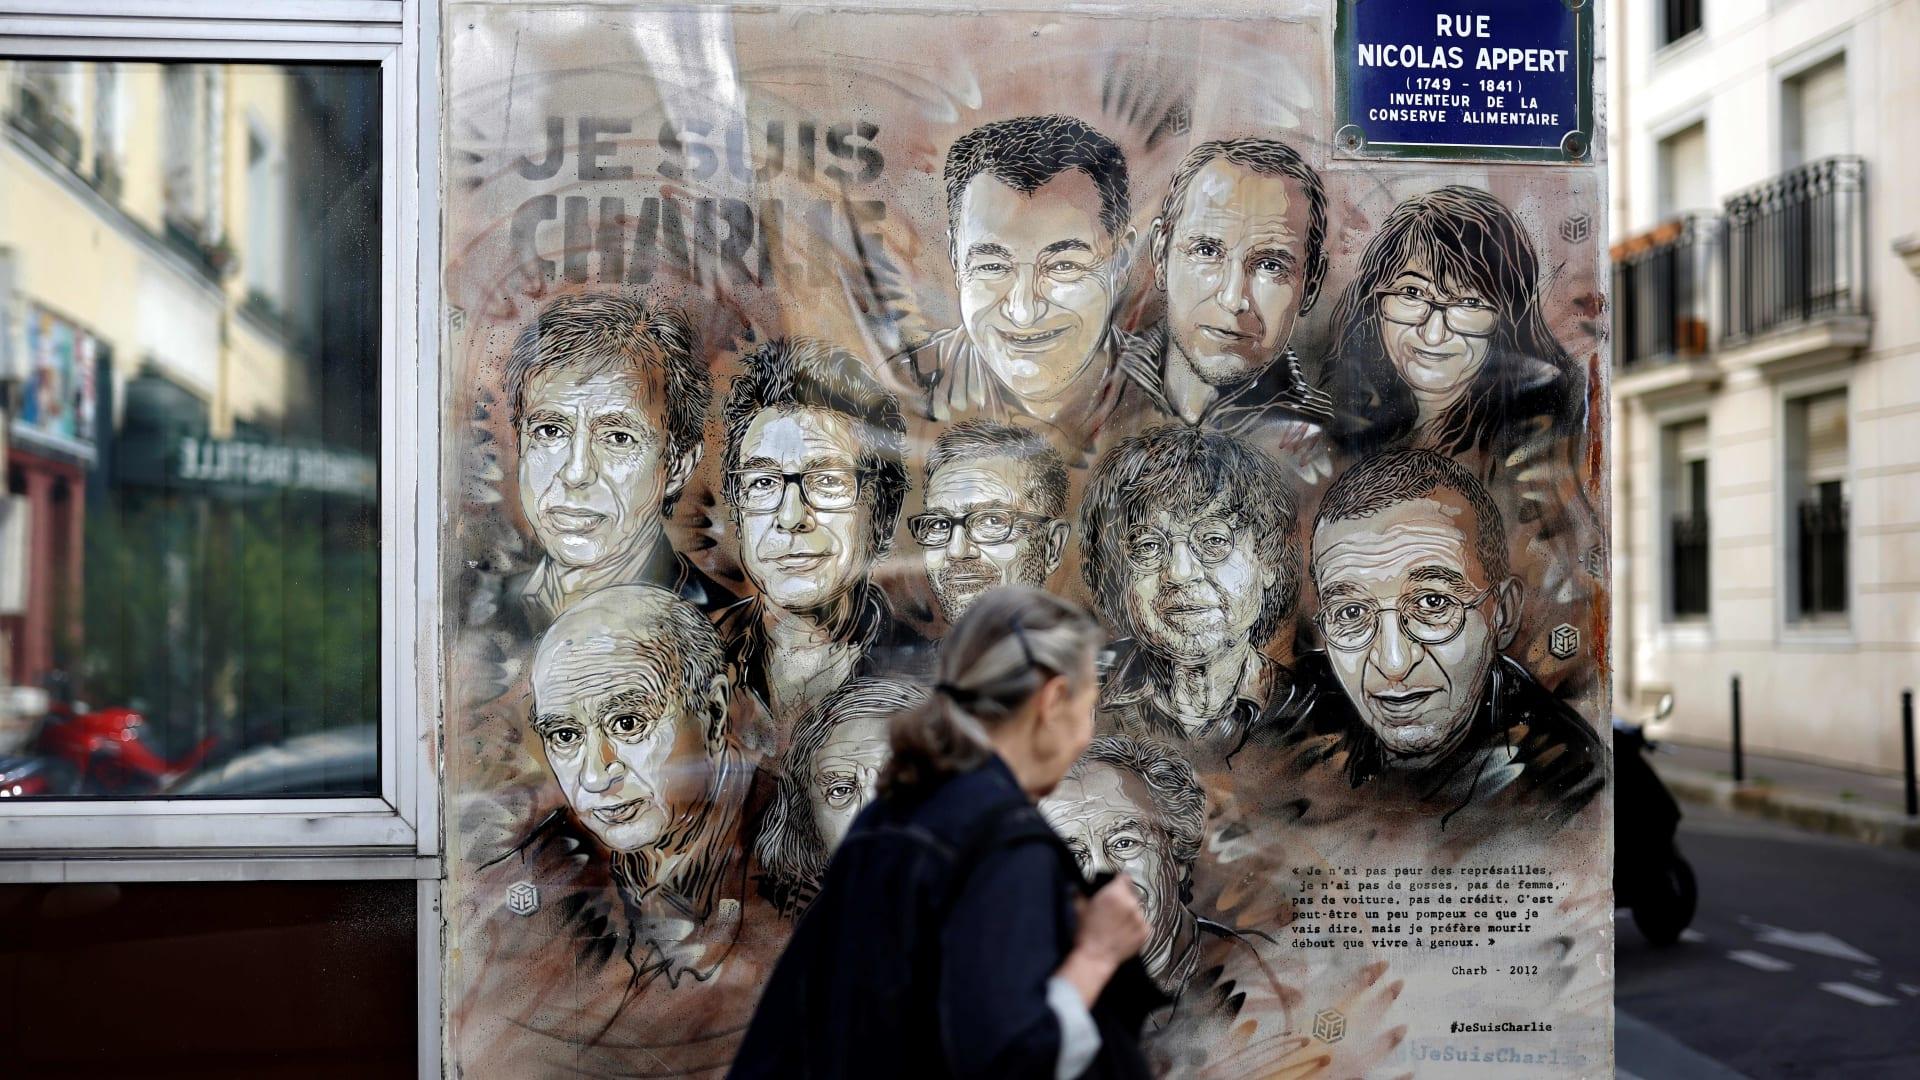 سيدة تمر بجوار لافتة تحيي ذكرى الضحايا في الهجوم على مقر صحيفة شارلي إبدو الفرنسية في 2015